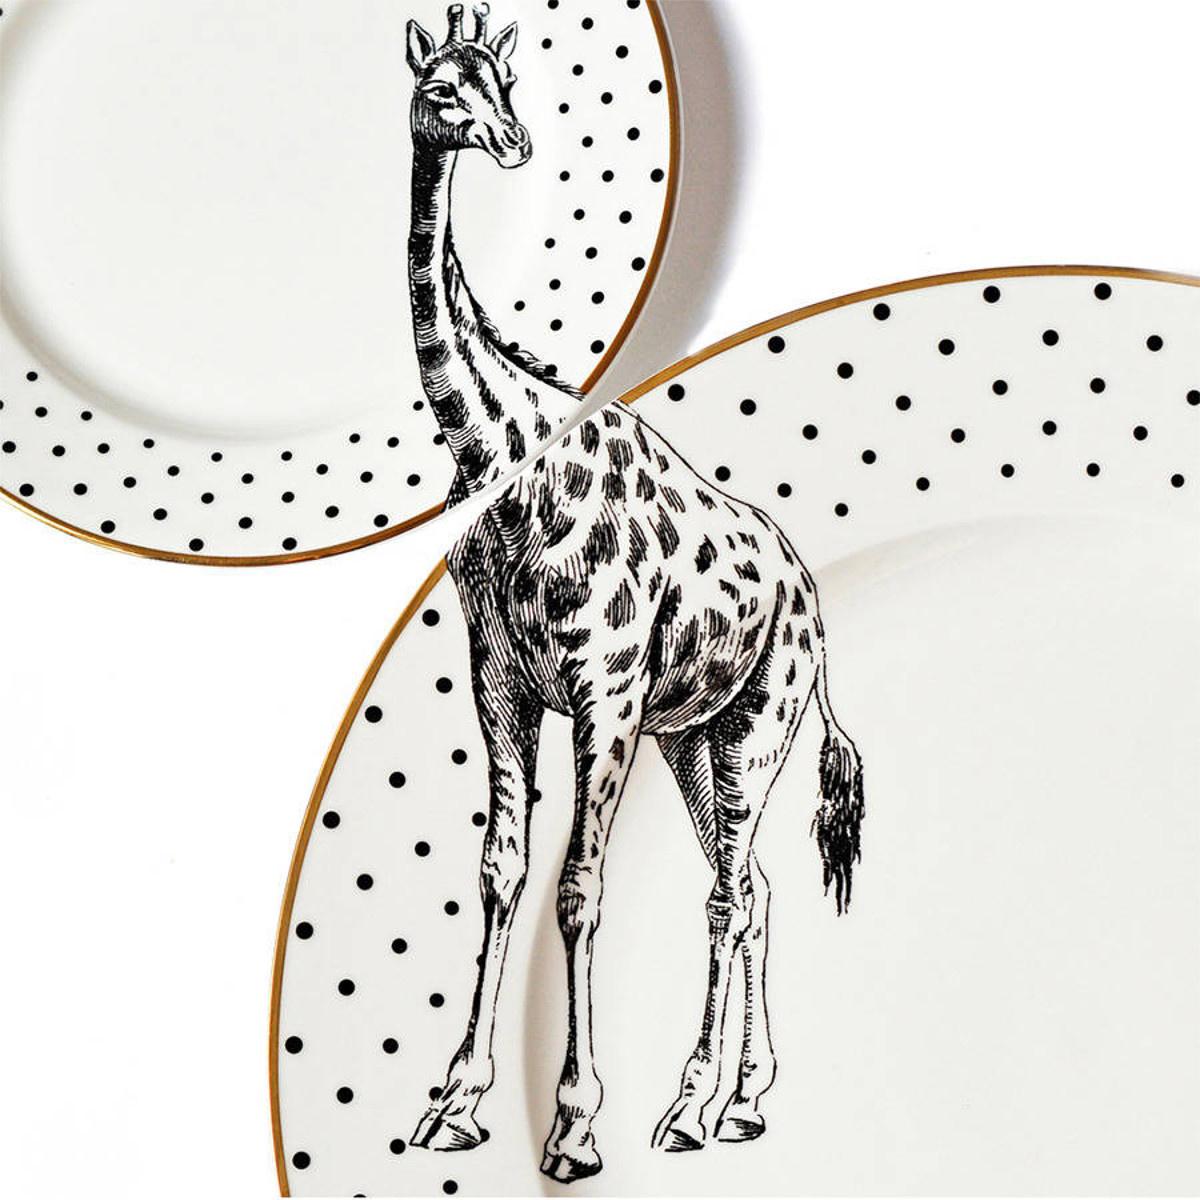 Yvonne Ellen Yvonne Ellen London Monochrome Set de 1 Assiette Ø 26,5 cm et 1 Assiette Ø 16 cm - Girafe - Bone China Porcelaine - Boîte Cadeau